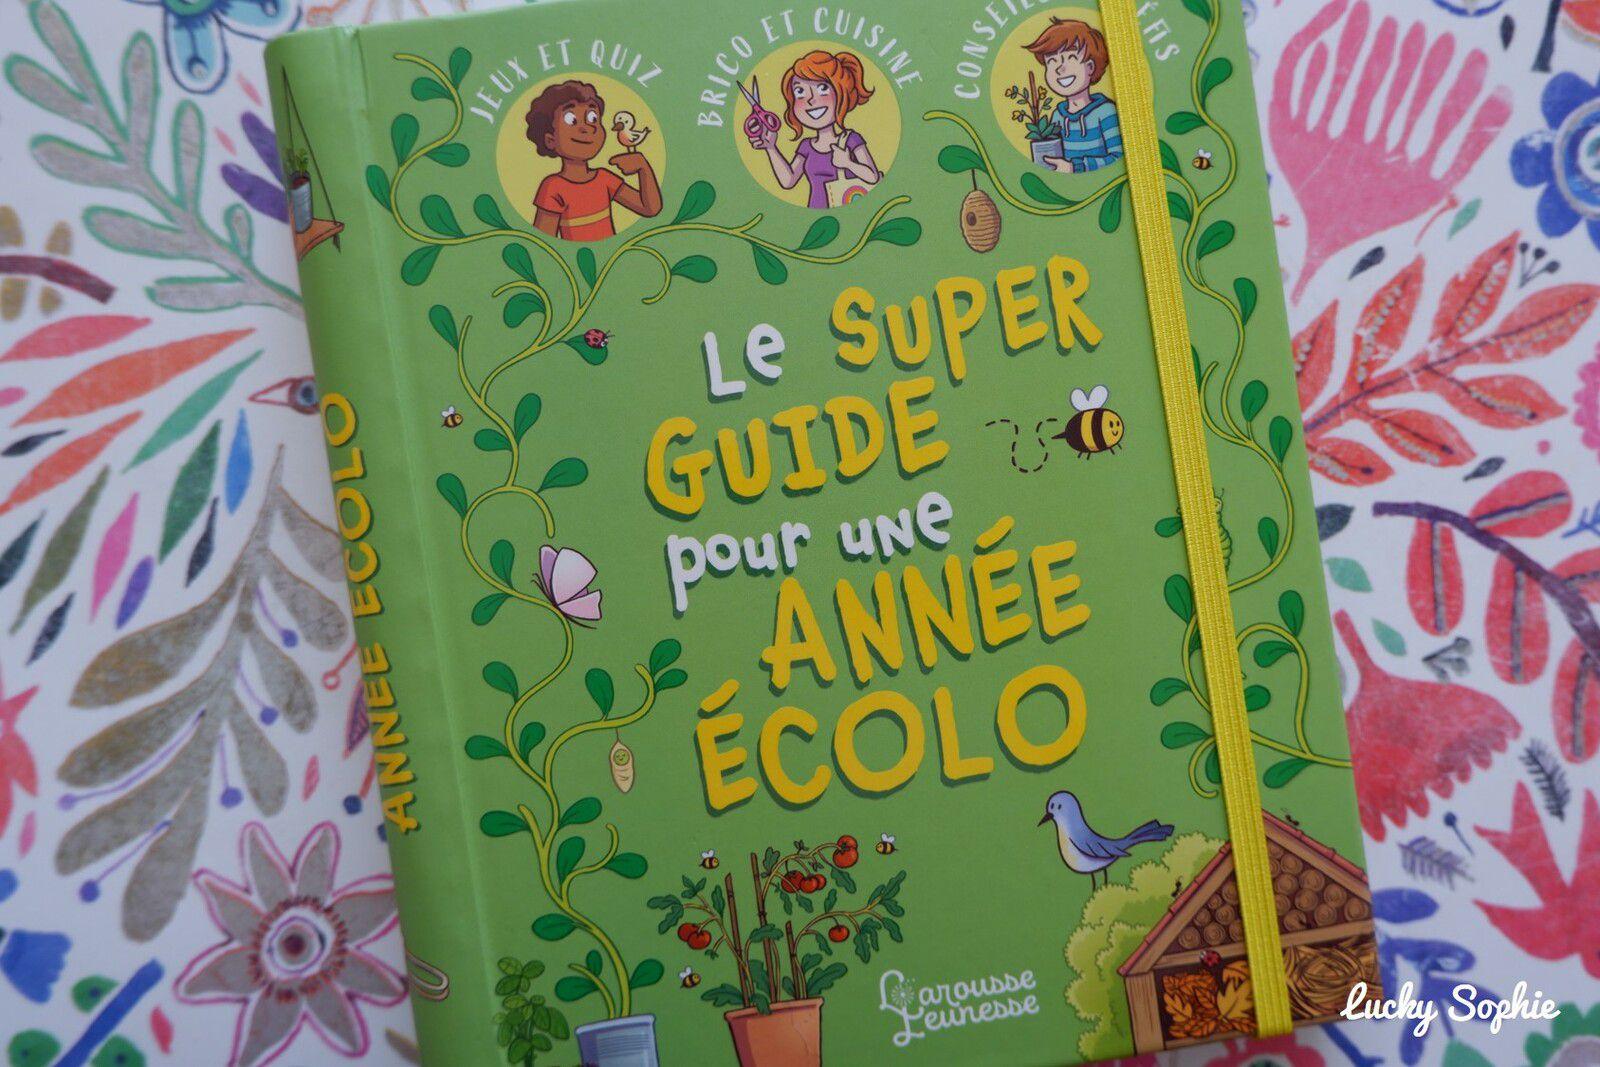 Le super guide enfant pour une année écolo